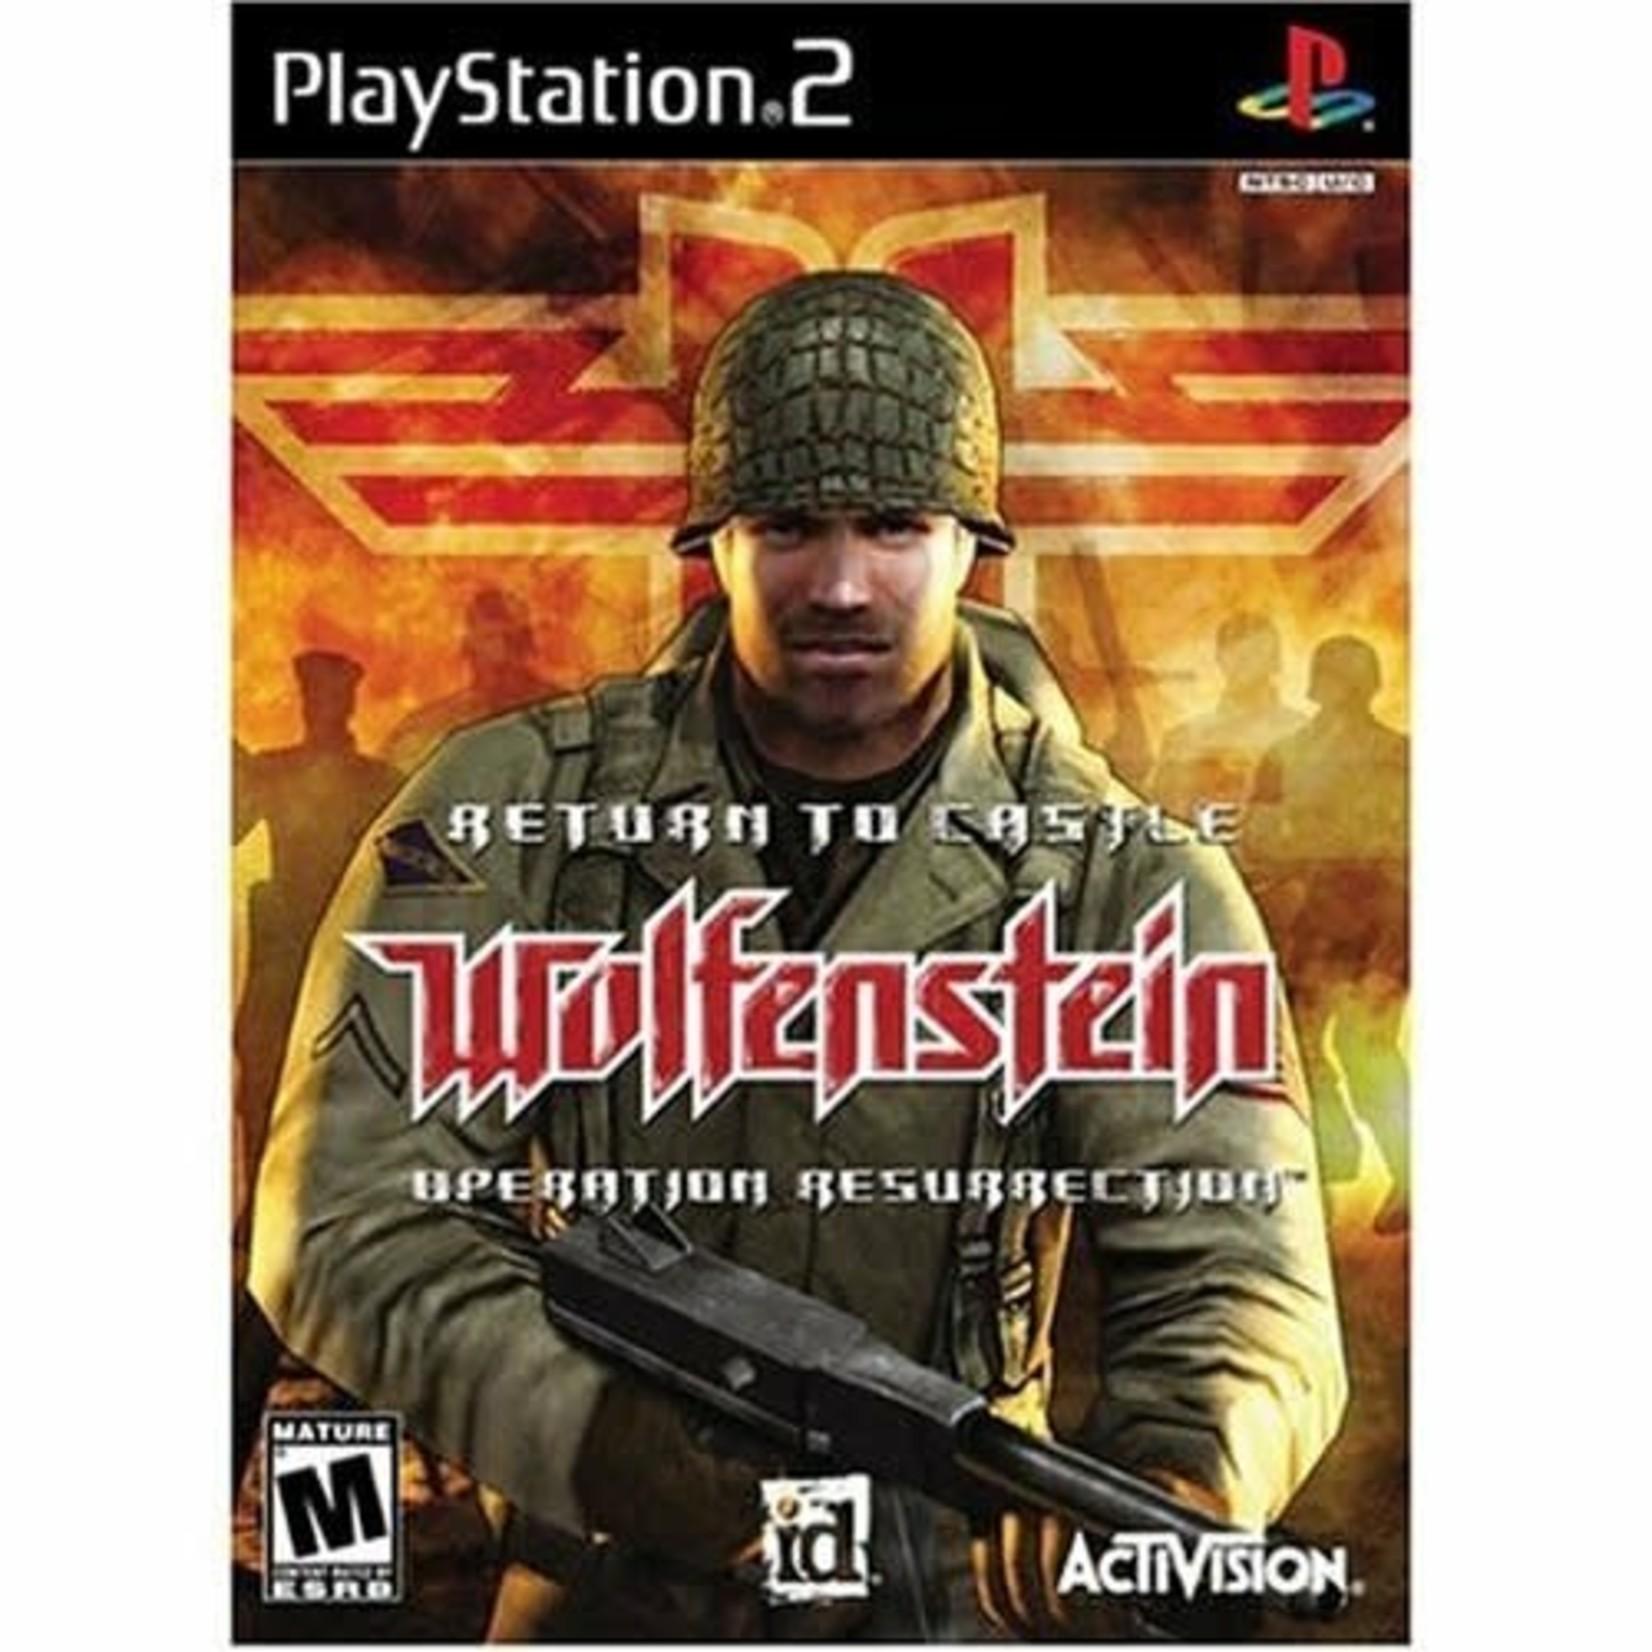 PS2U-Return To Castle Wolfenstein: Operation Resurrection